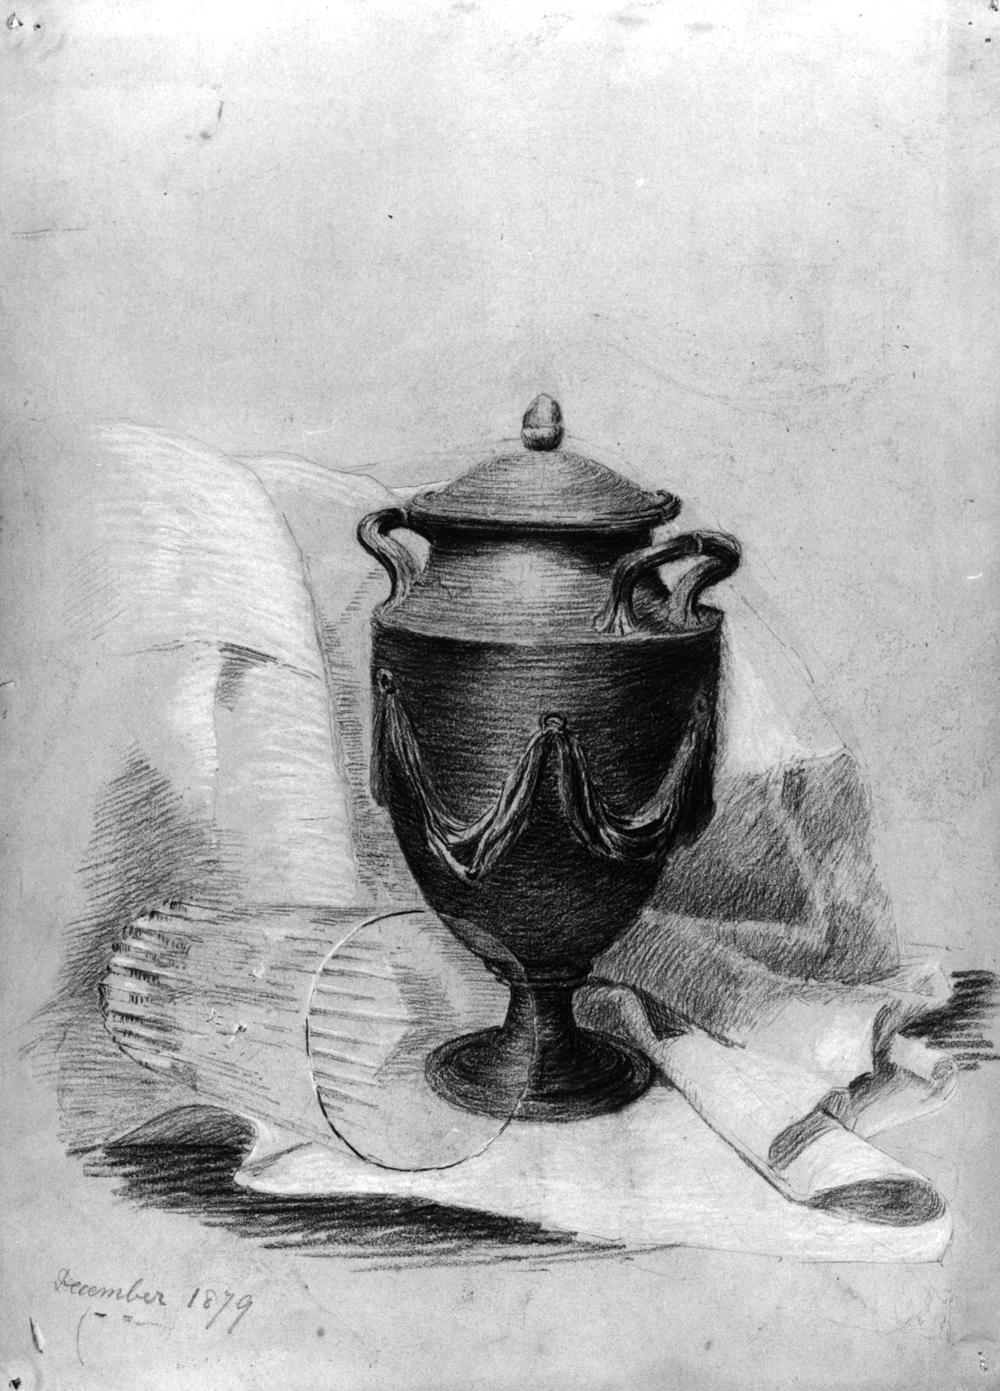 Drawn vase still life Life Still in Potter exercise